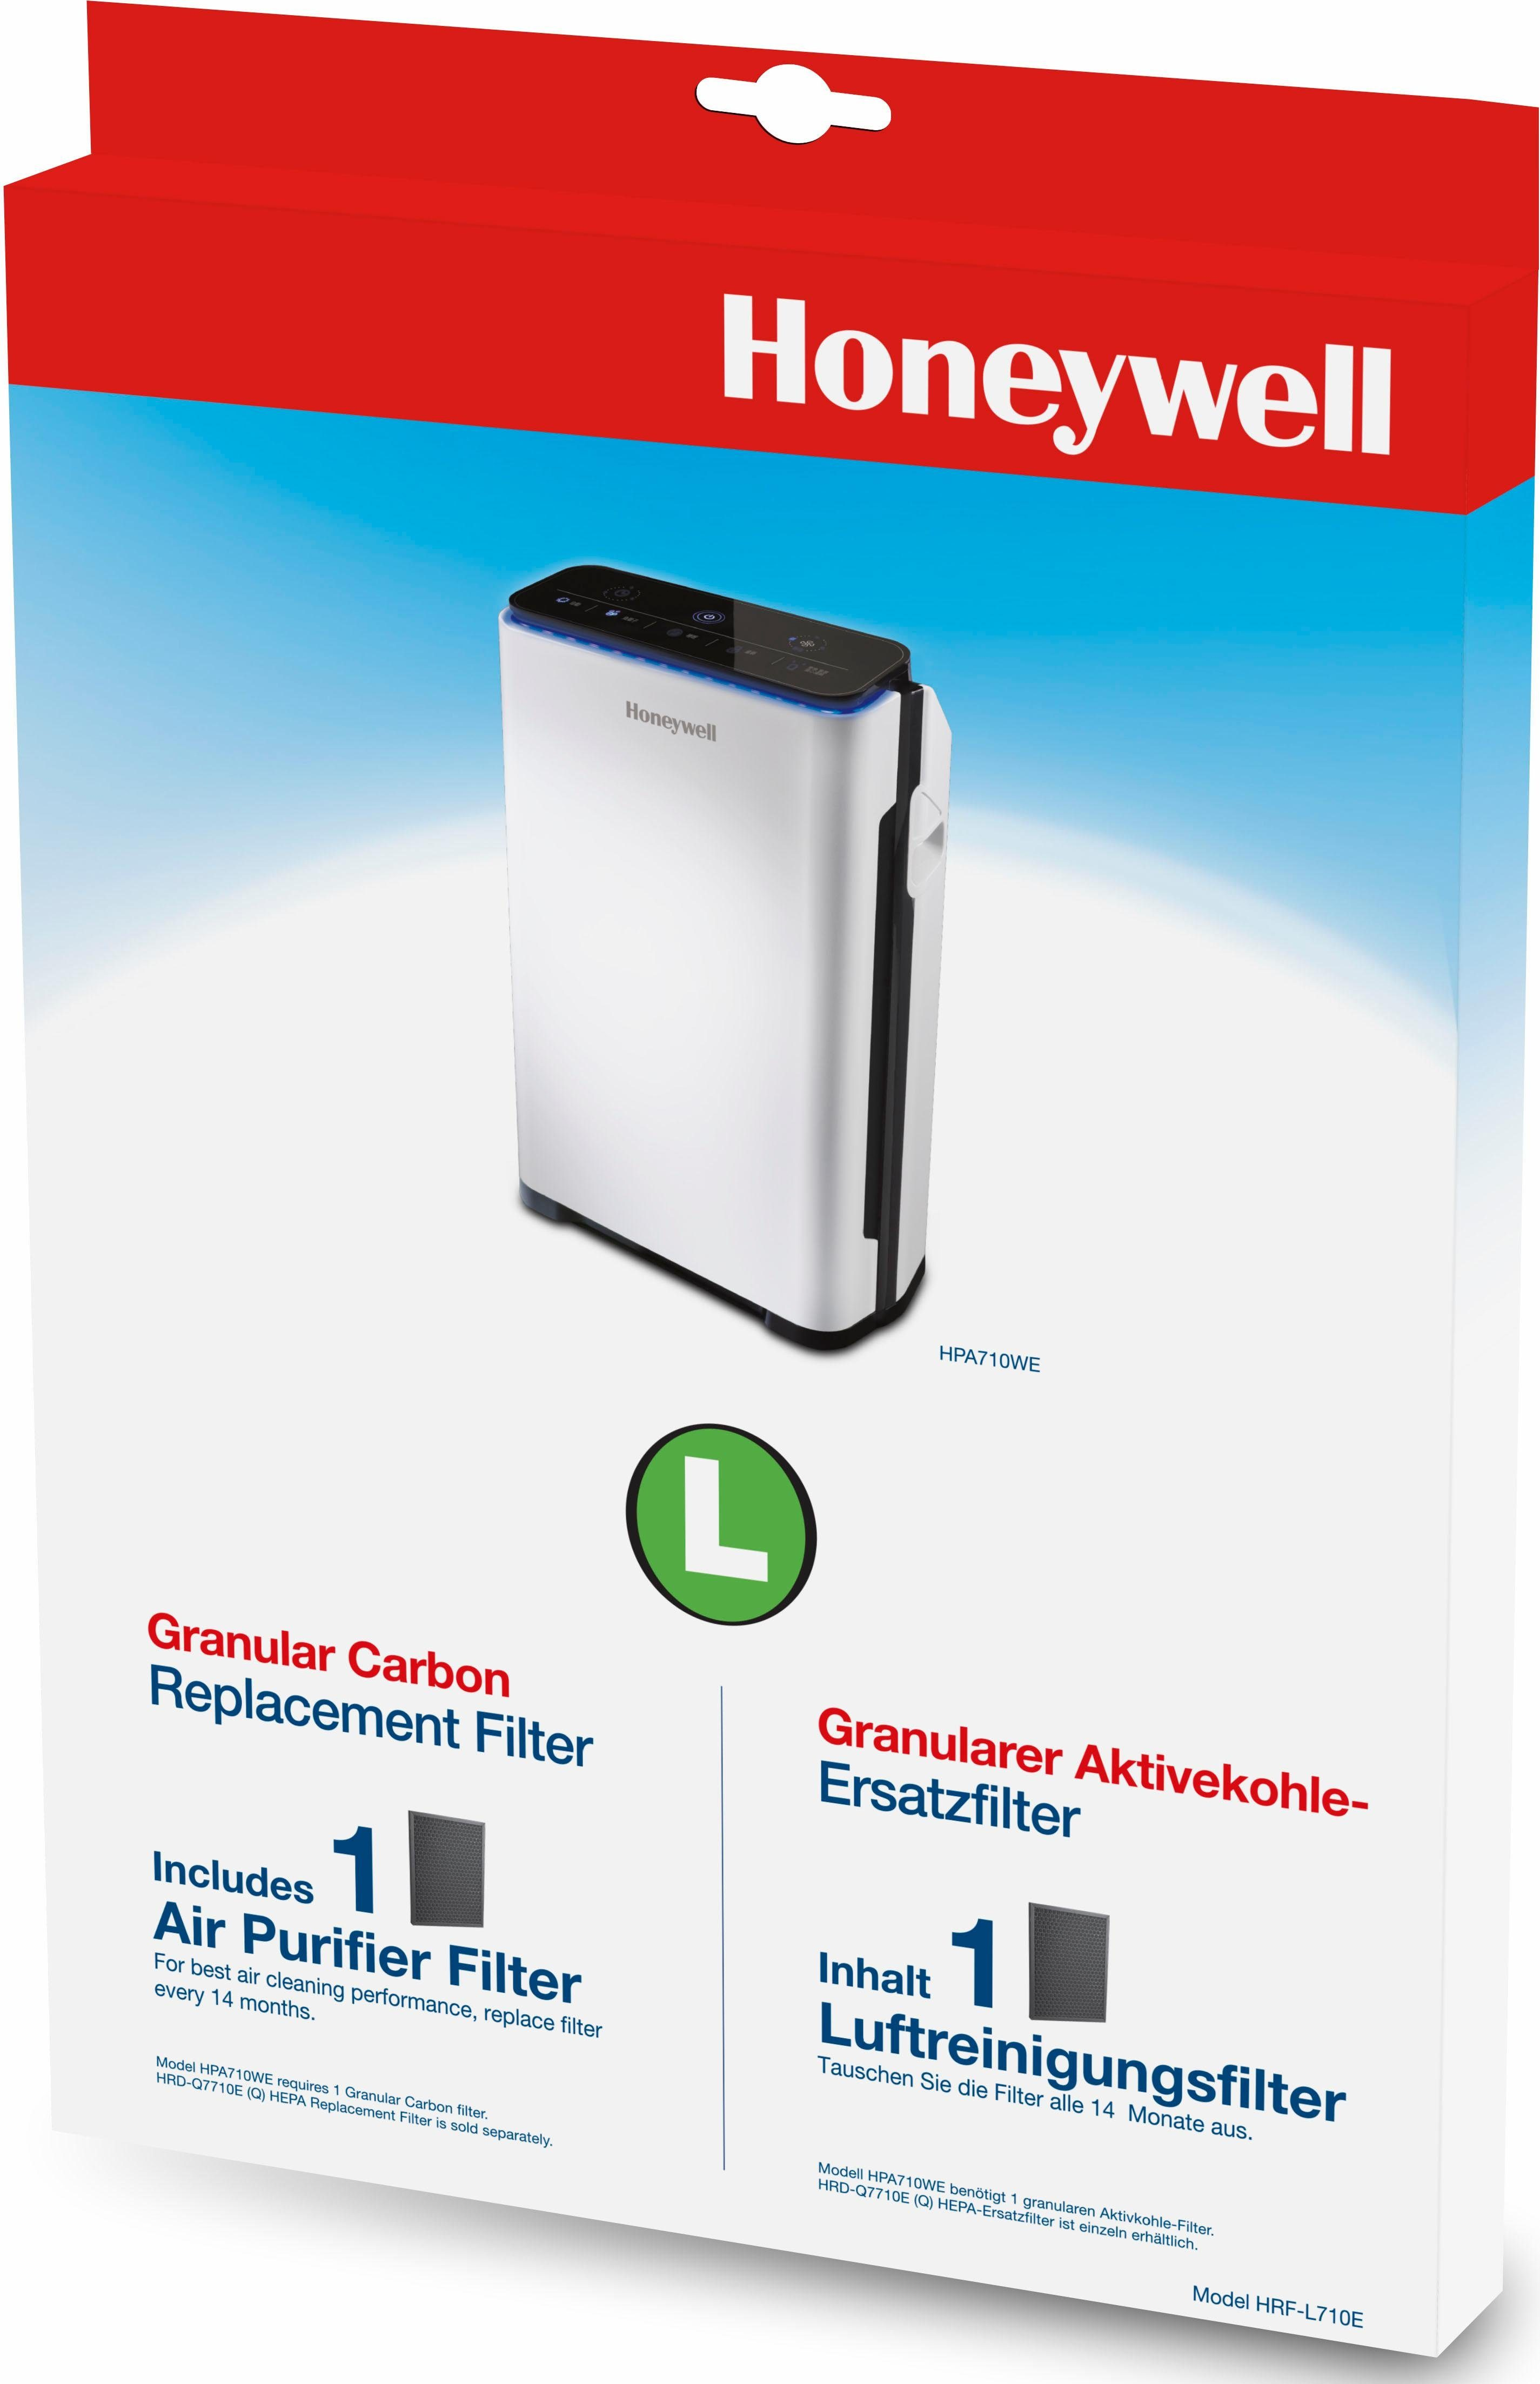 Honeywell Granularer Aktivkohle-Ersatzfilter HRF-L710E